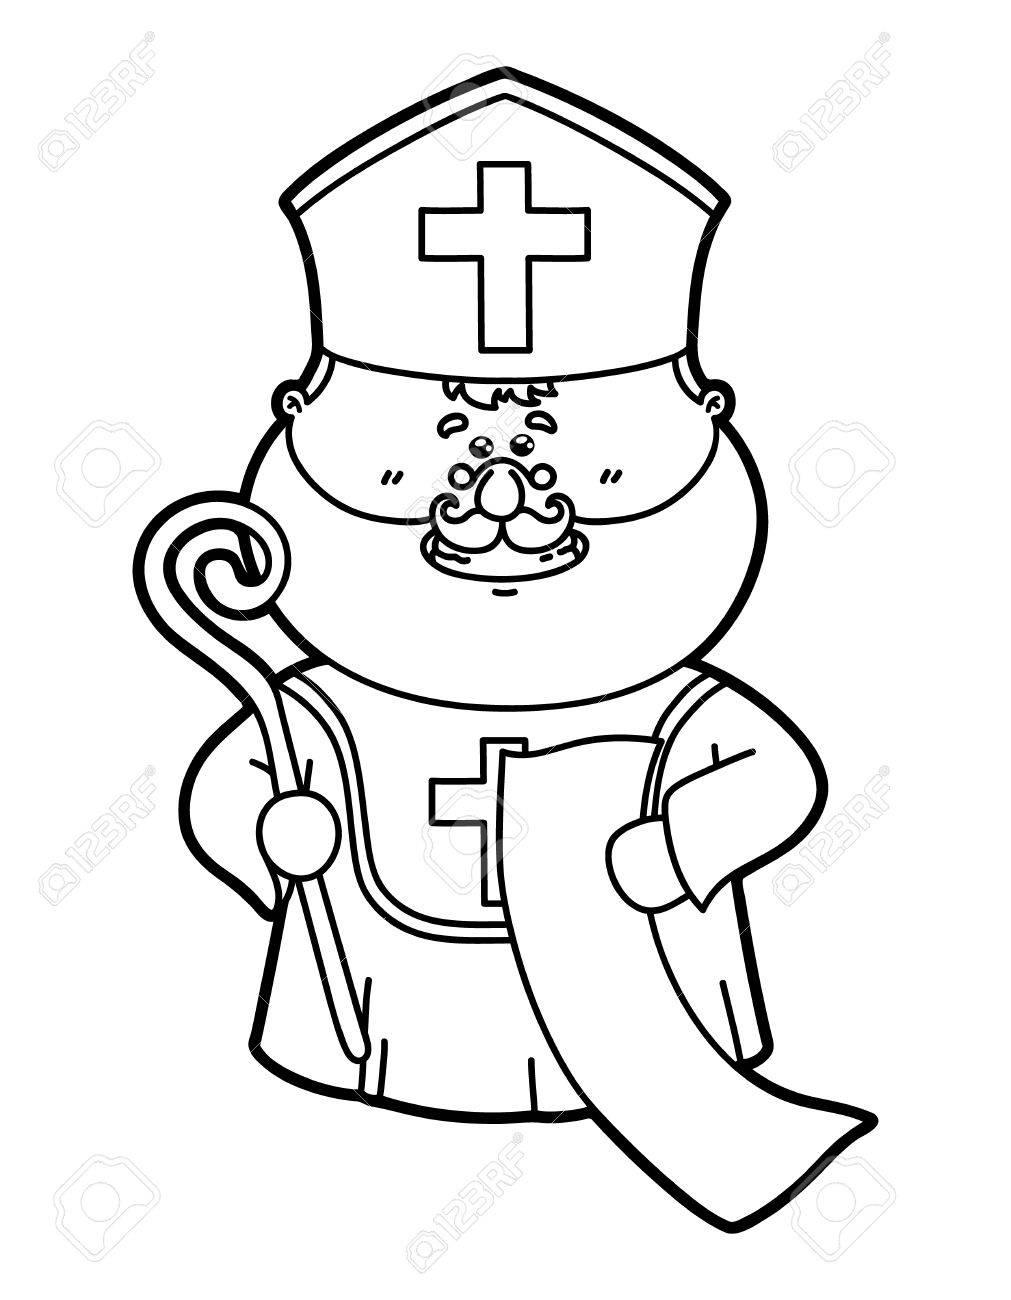 Lustigen St Nicholas Vektor Illustration Von Lustigen Malvorlagen